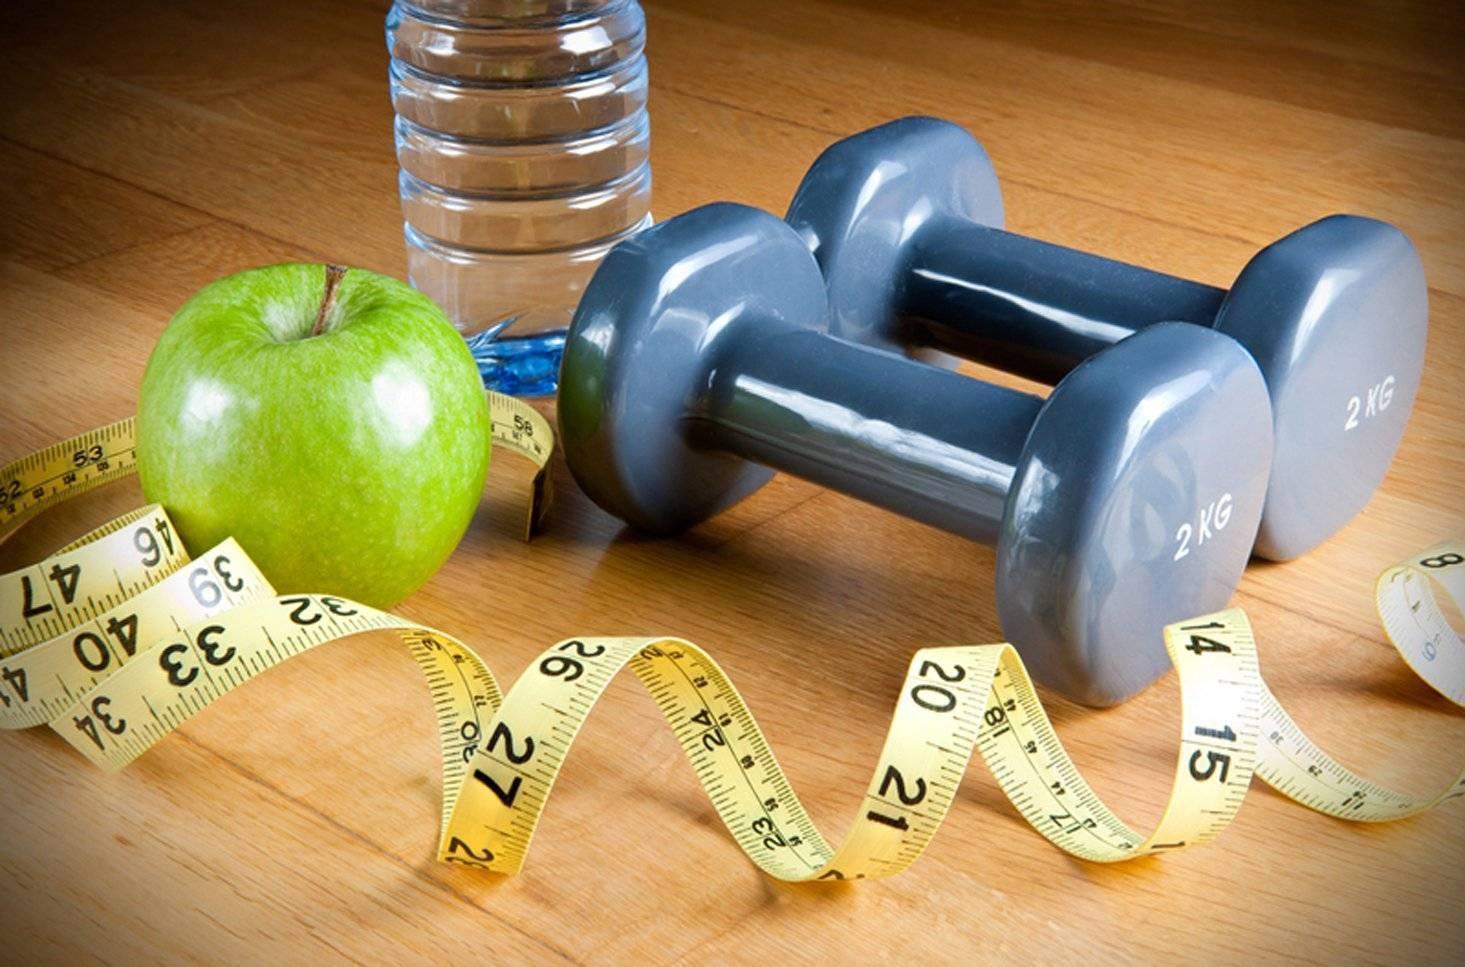 Влияет ли курение на вес: похудение, метаболизм, обмен веществ   eraminerals.ru